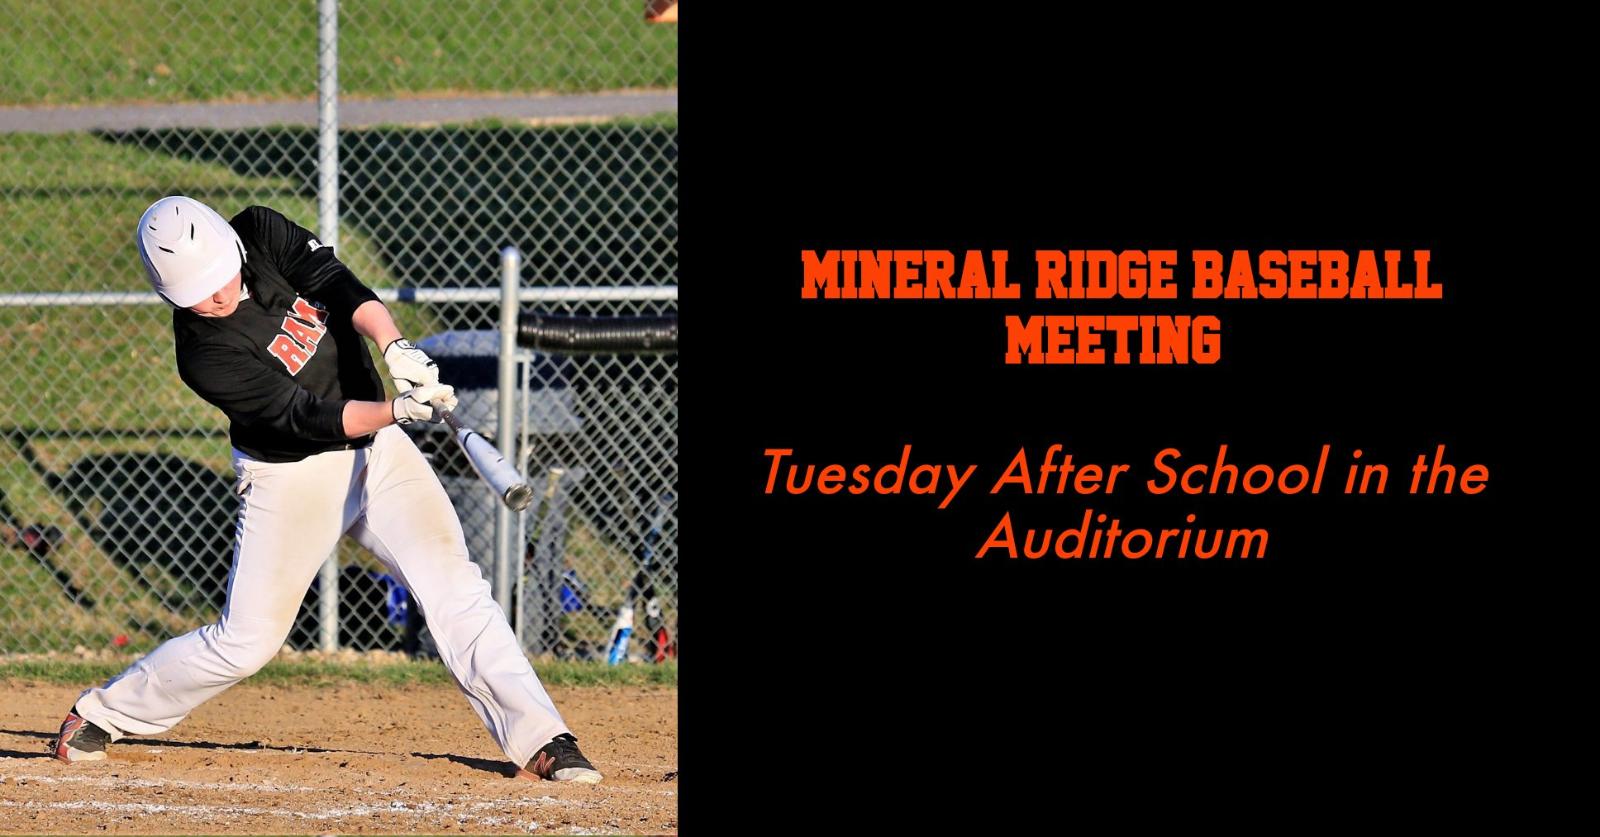 Baseball Meeting Set for Tuesday